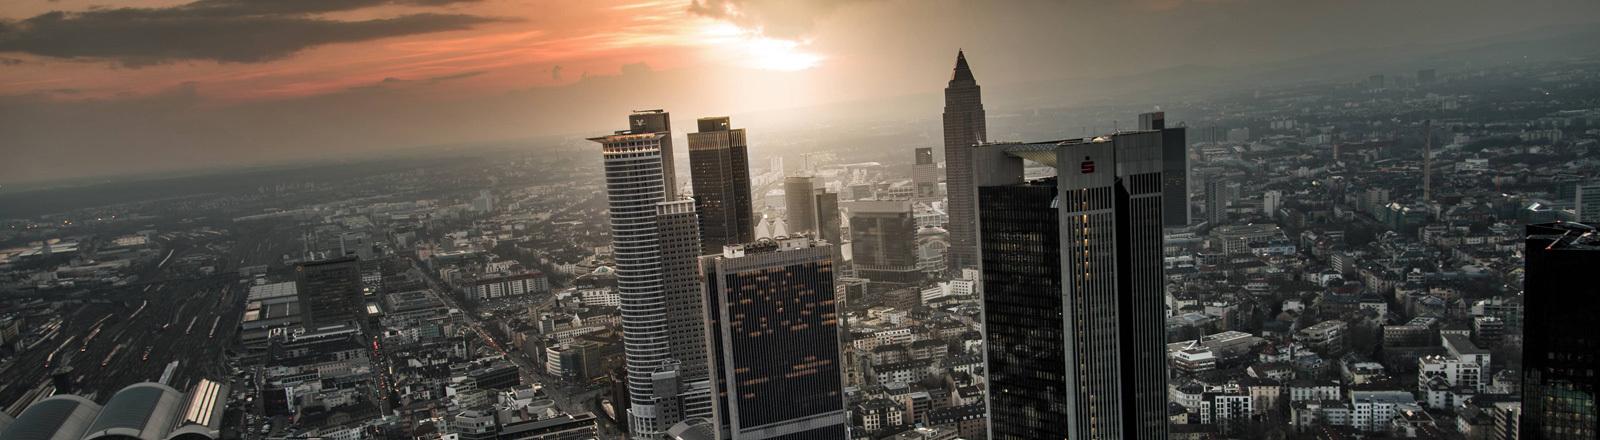 Blick auf die Skyline von Frankfurt am Main.